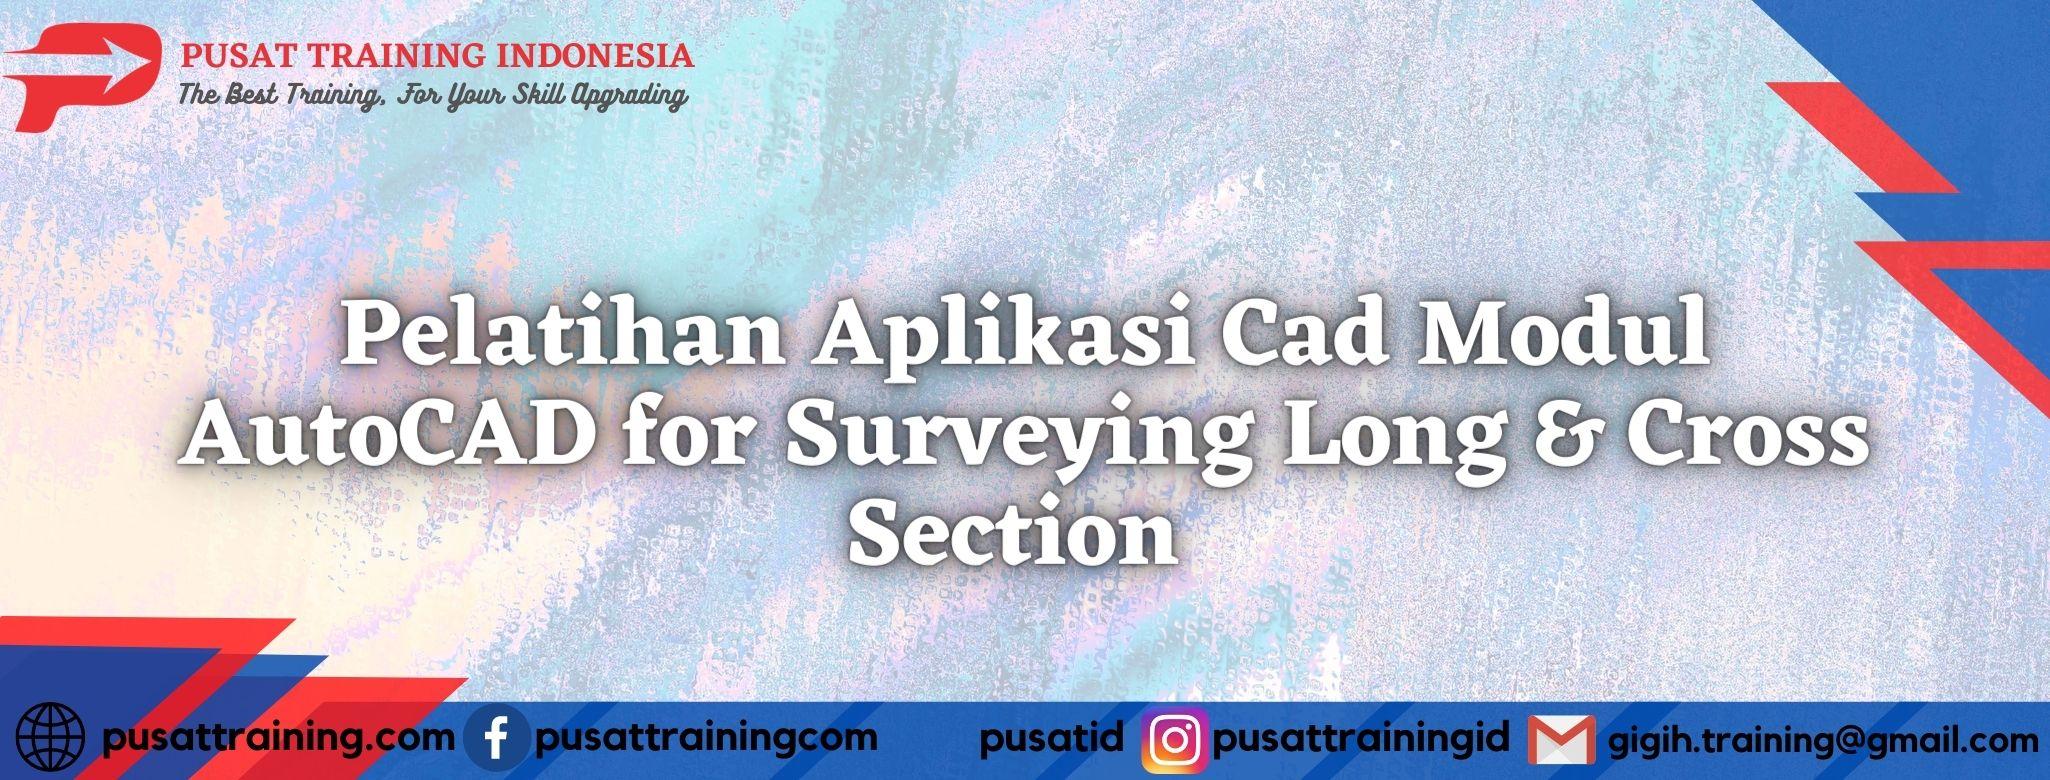 Pelatihan-Aplikasi-Cad-Modul-AutoCAD-for-Surveying-Long-Cross-Section